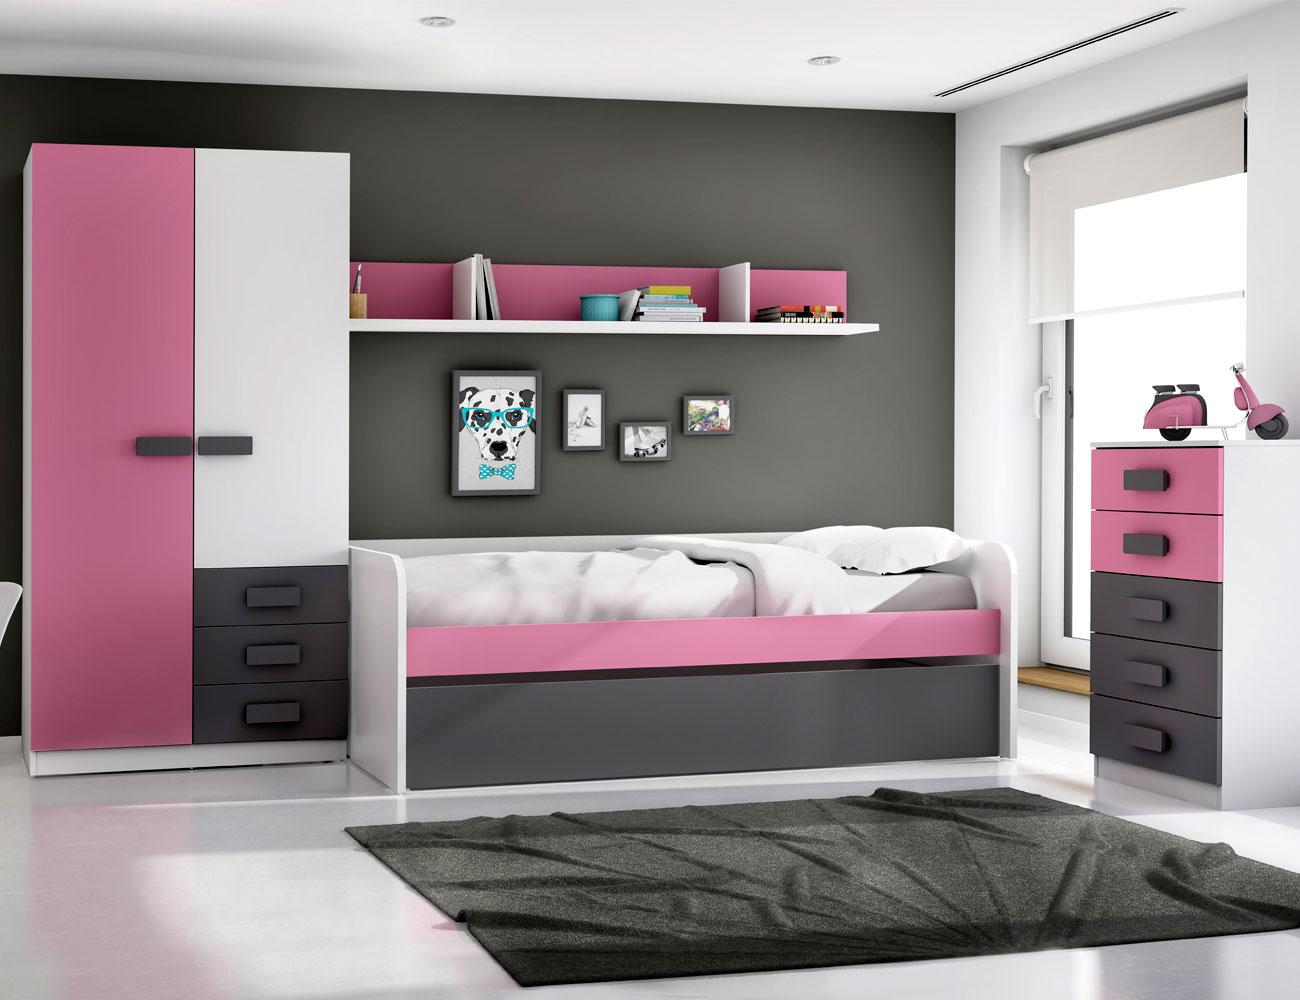 Dormitorio juvenil grafito rosa